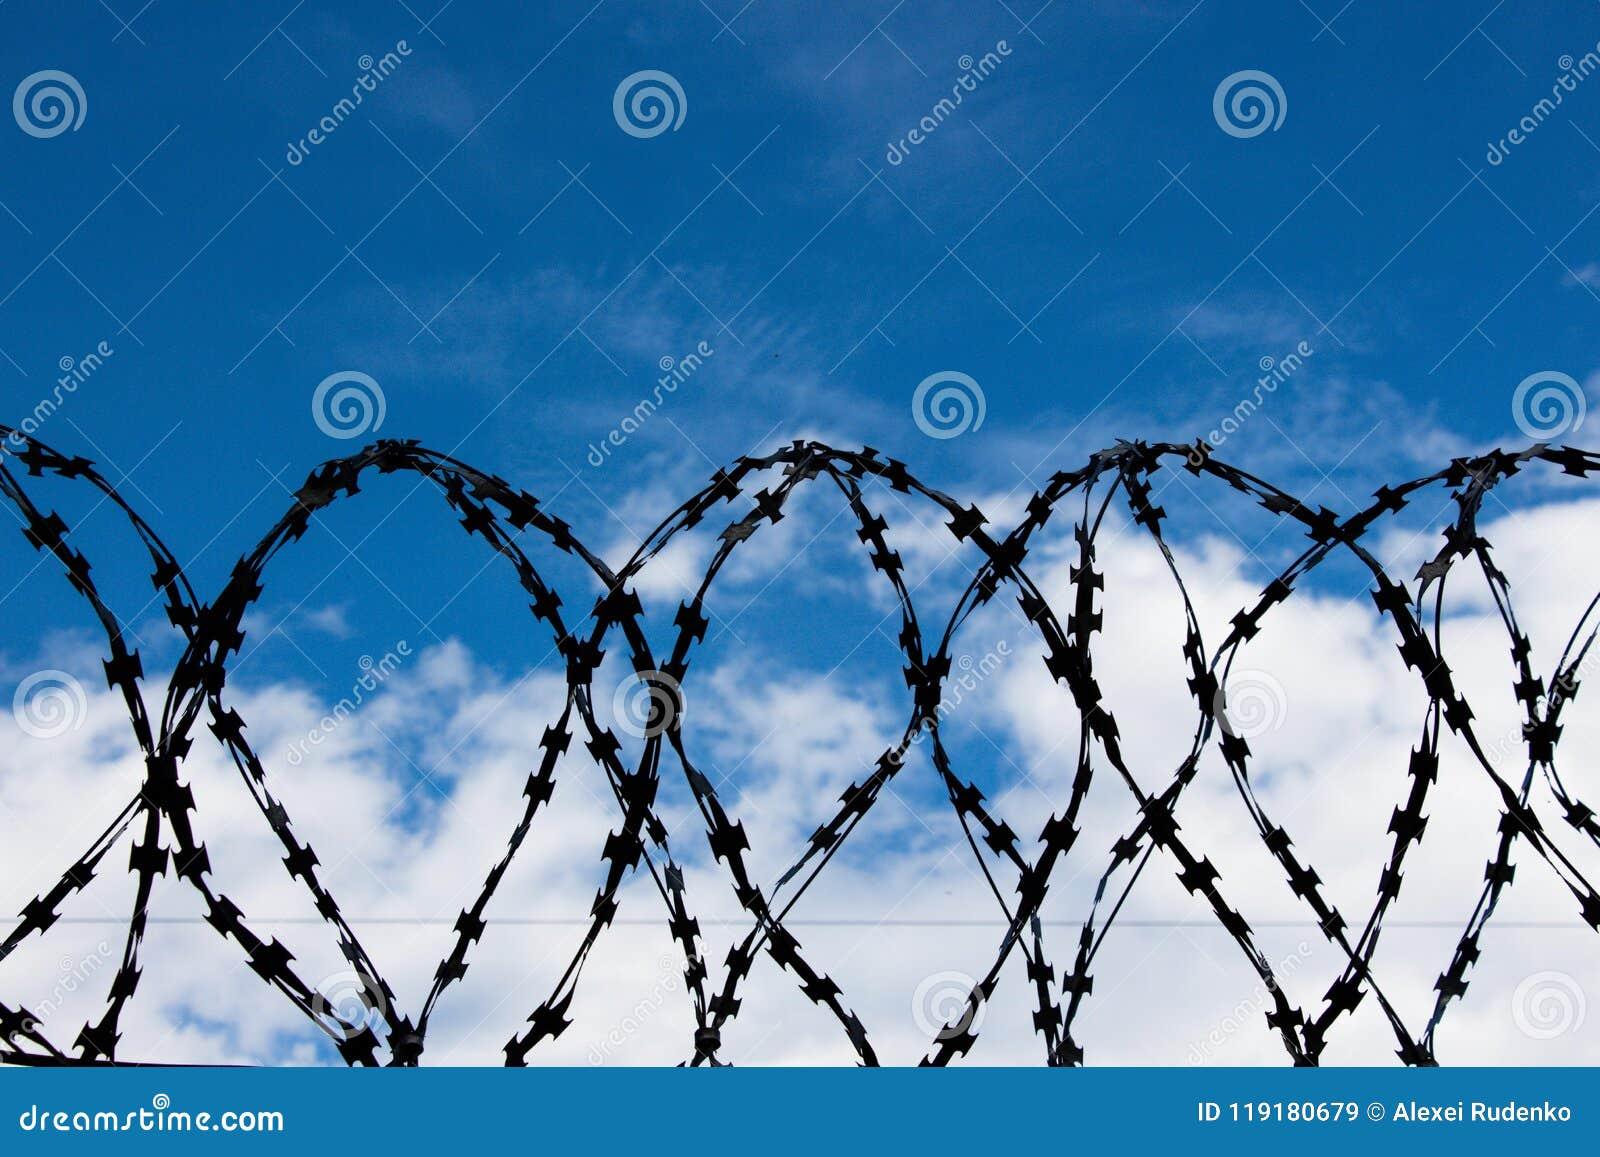 Prikkeldraad tegen de blauwe hemel Het symboliseert verbod of verantwoordelijkheid voor niet-vervulling van vereisten